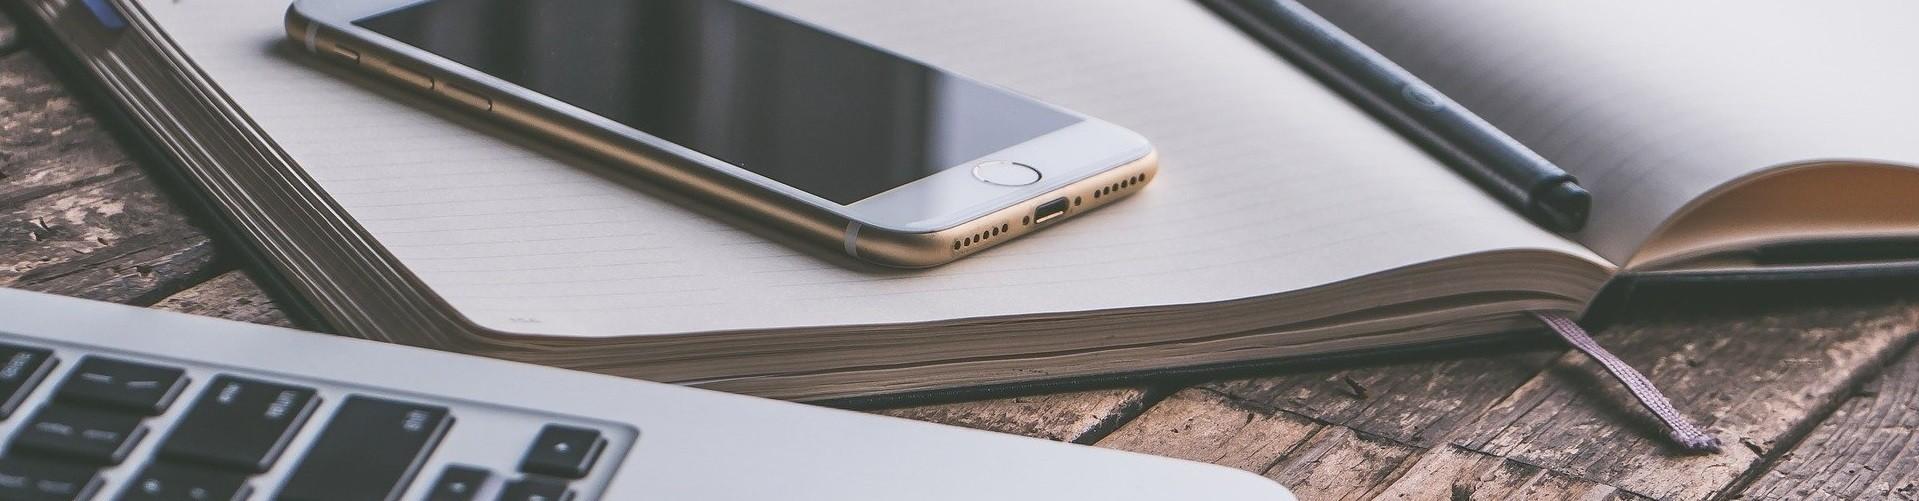 Smartphone auf heft